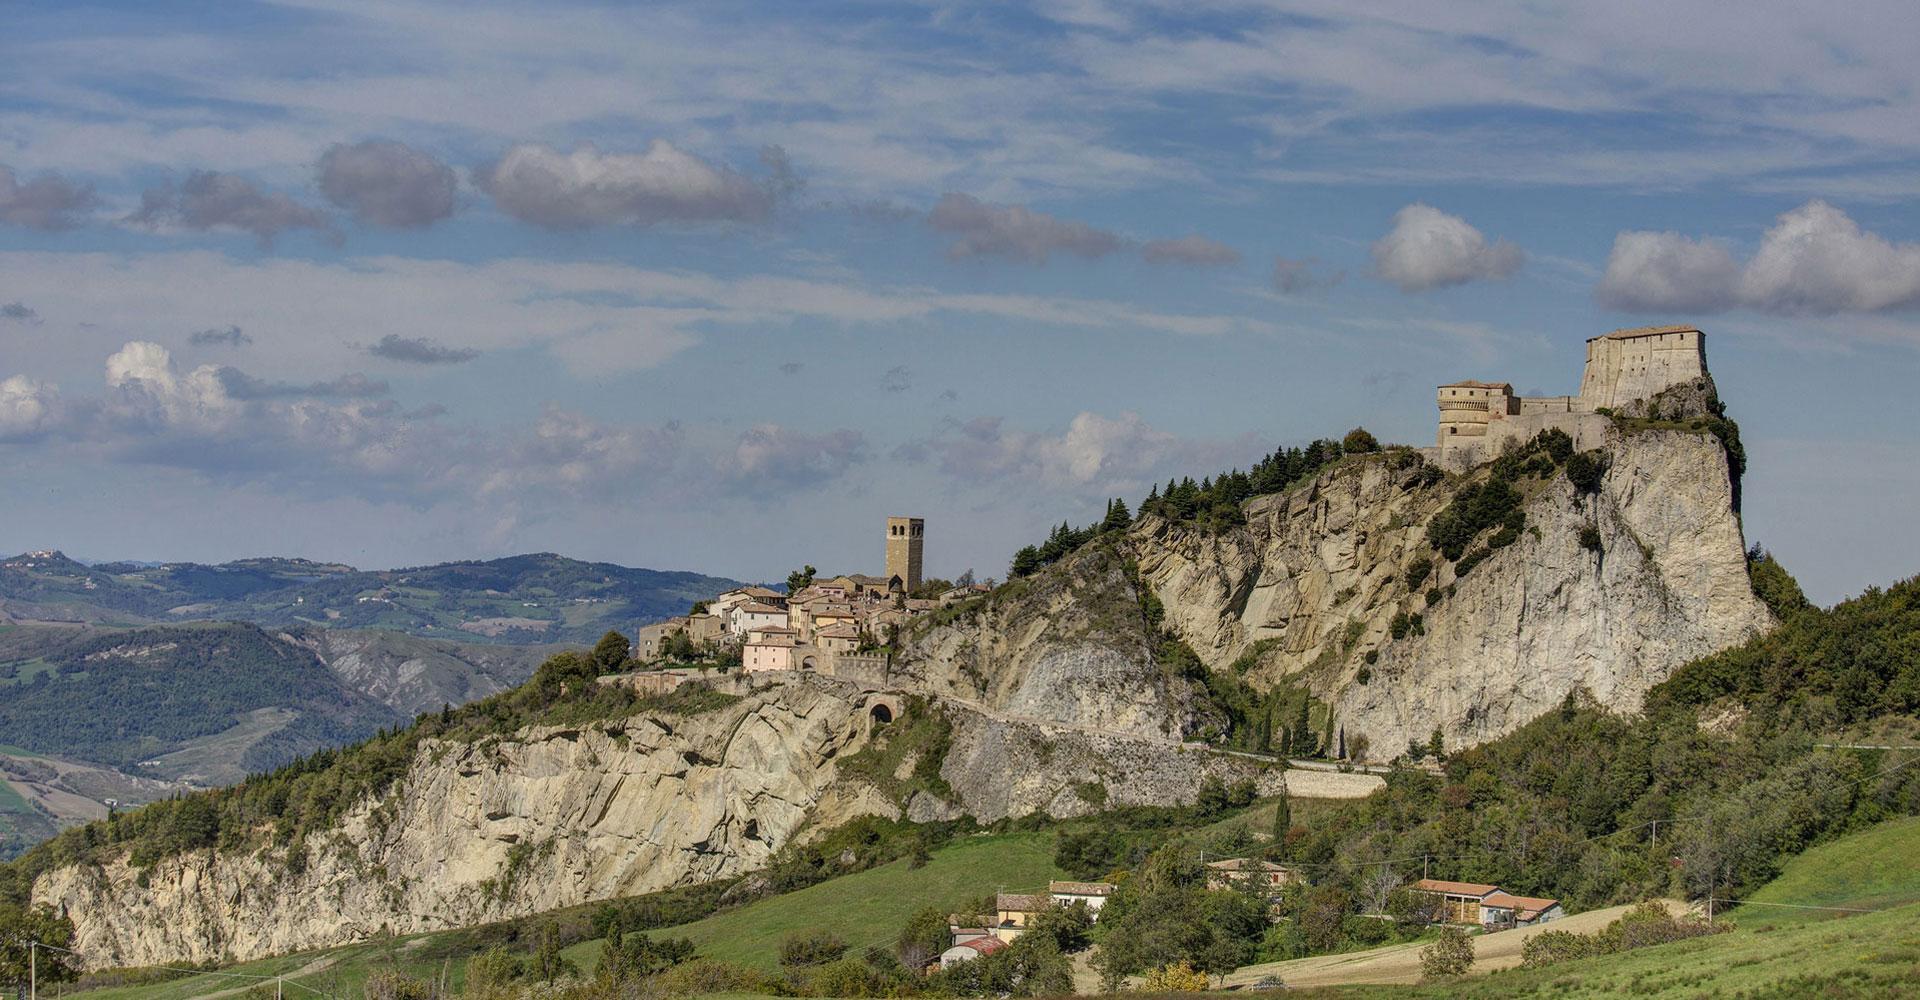 Giovedì 11 luglio alle 18 a San Leo il passo decisivo per la costituzione della cooperativa di comunità in Valmarecchia